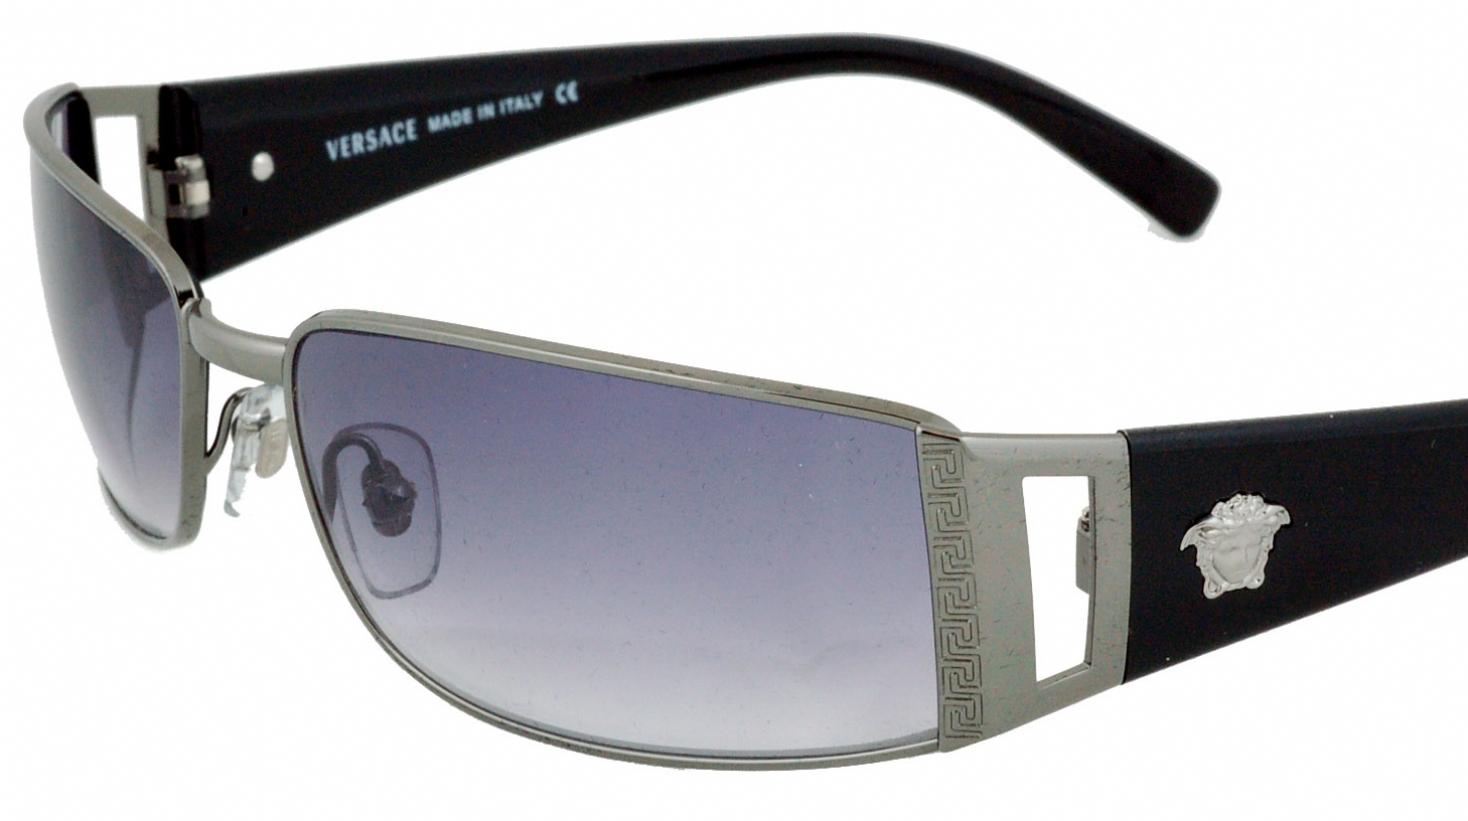 7a76bce7771 Versace 2021 Sunglasses